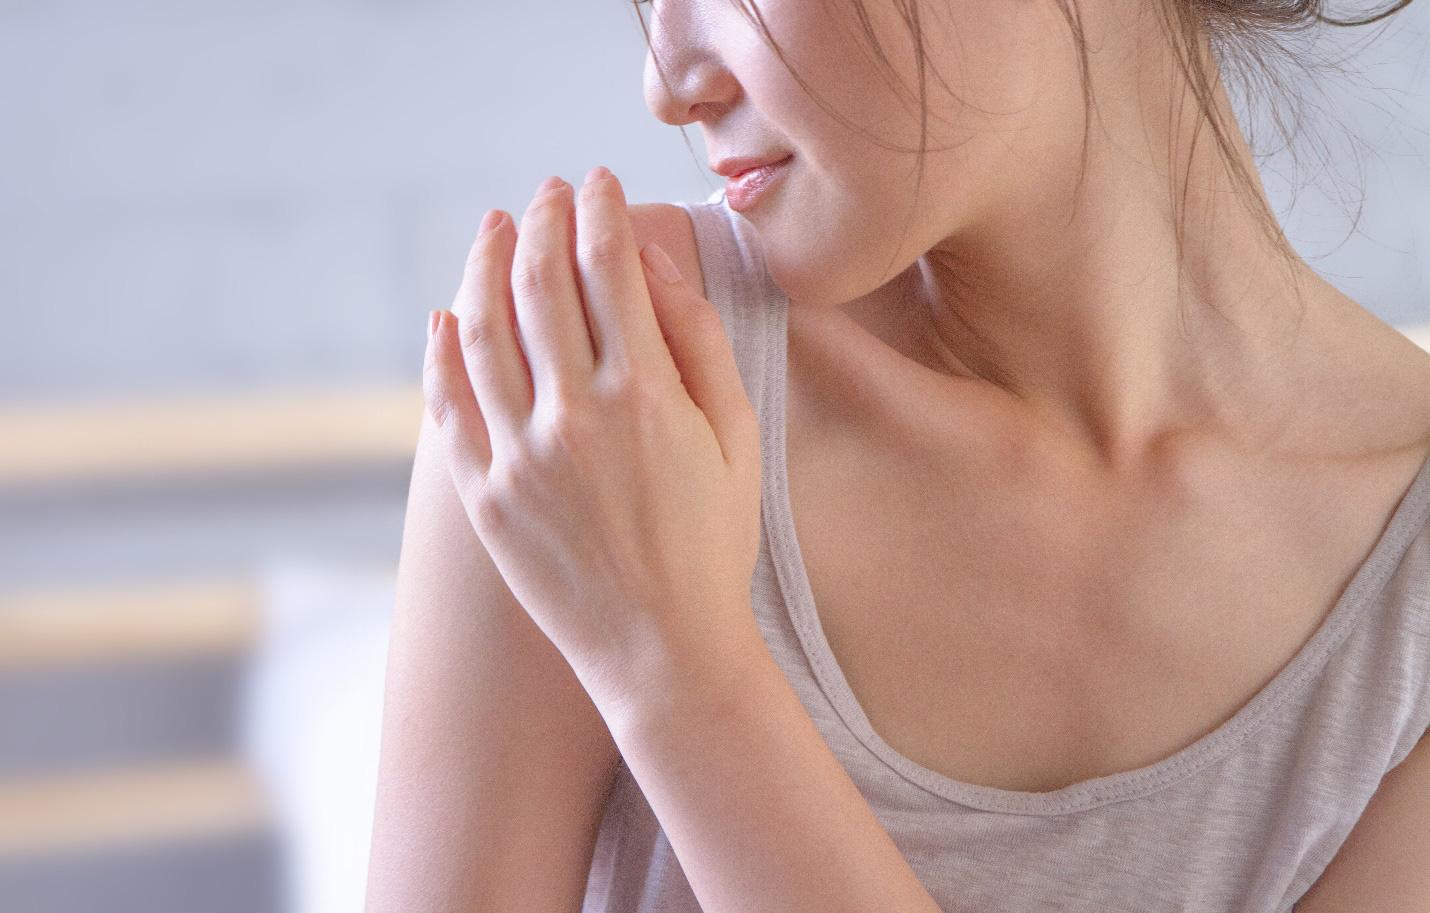 Detox cho da cơ thể - tưởng trăm điều khó, nhưng hóa ra cực dễ - Ảnh 2.